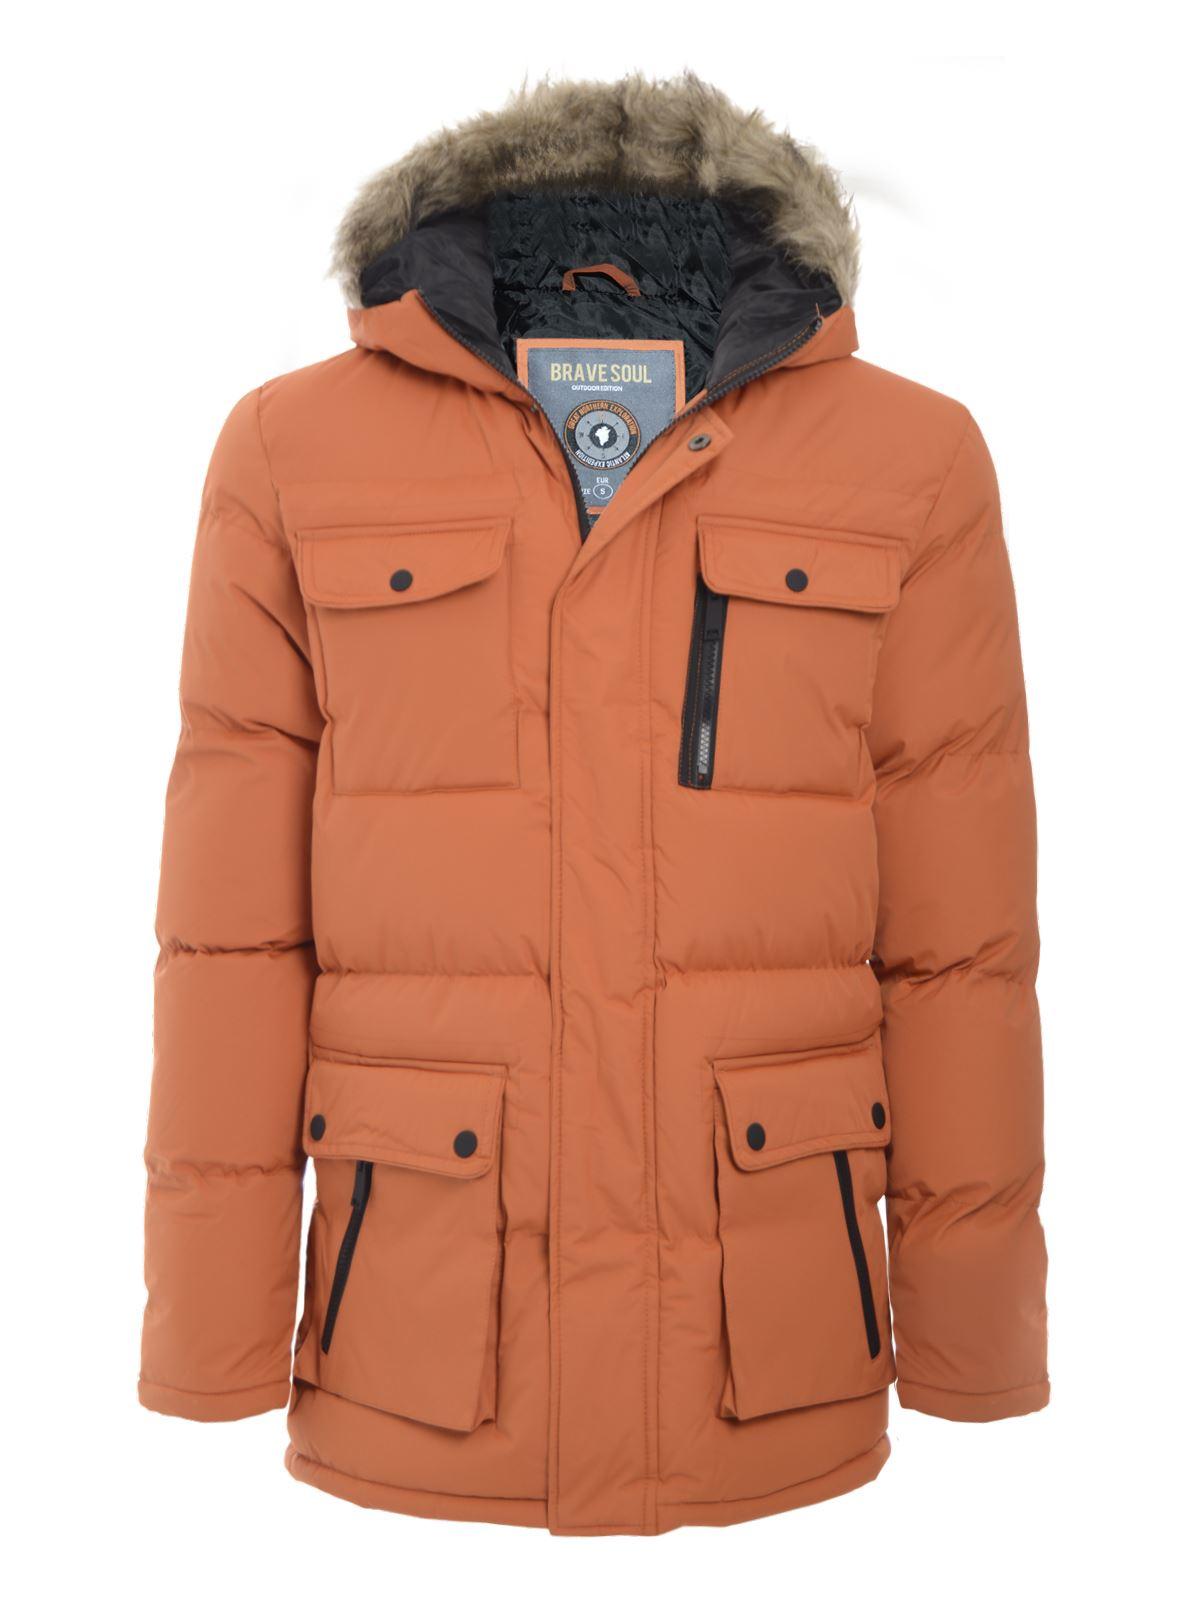 brave soul mens quilted parka jacket fur hooded winter. Black Bedroom Furniture Sets. Home Design Ideas